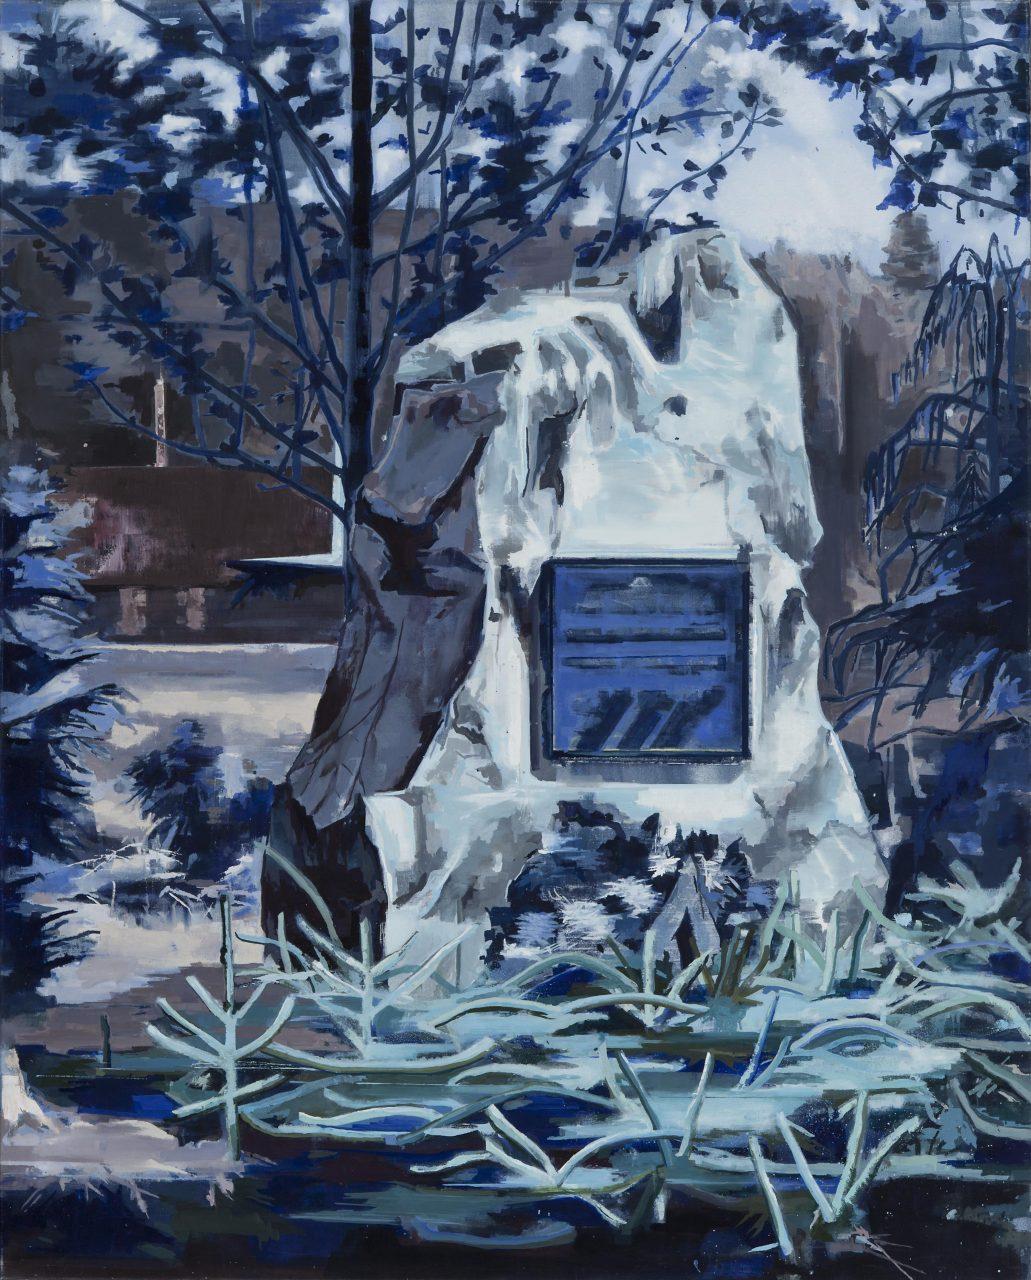 Die Mitte vom jetzt, (Monument für das vergehen von ZeitI) 180 x 145 cm, Öl auf Leinwand, 2015